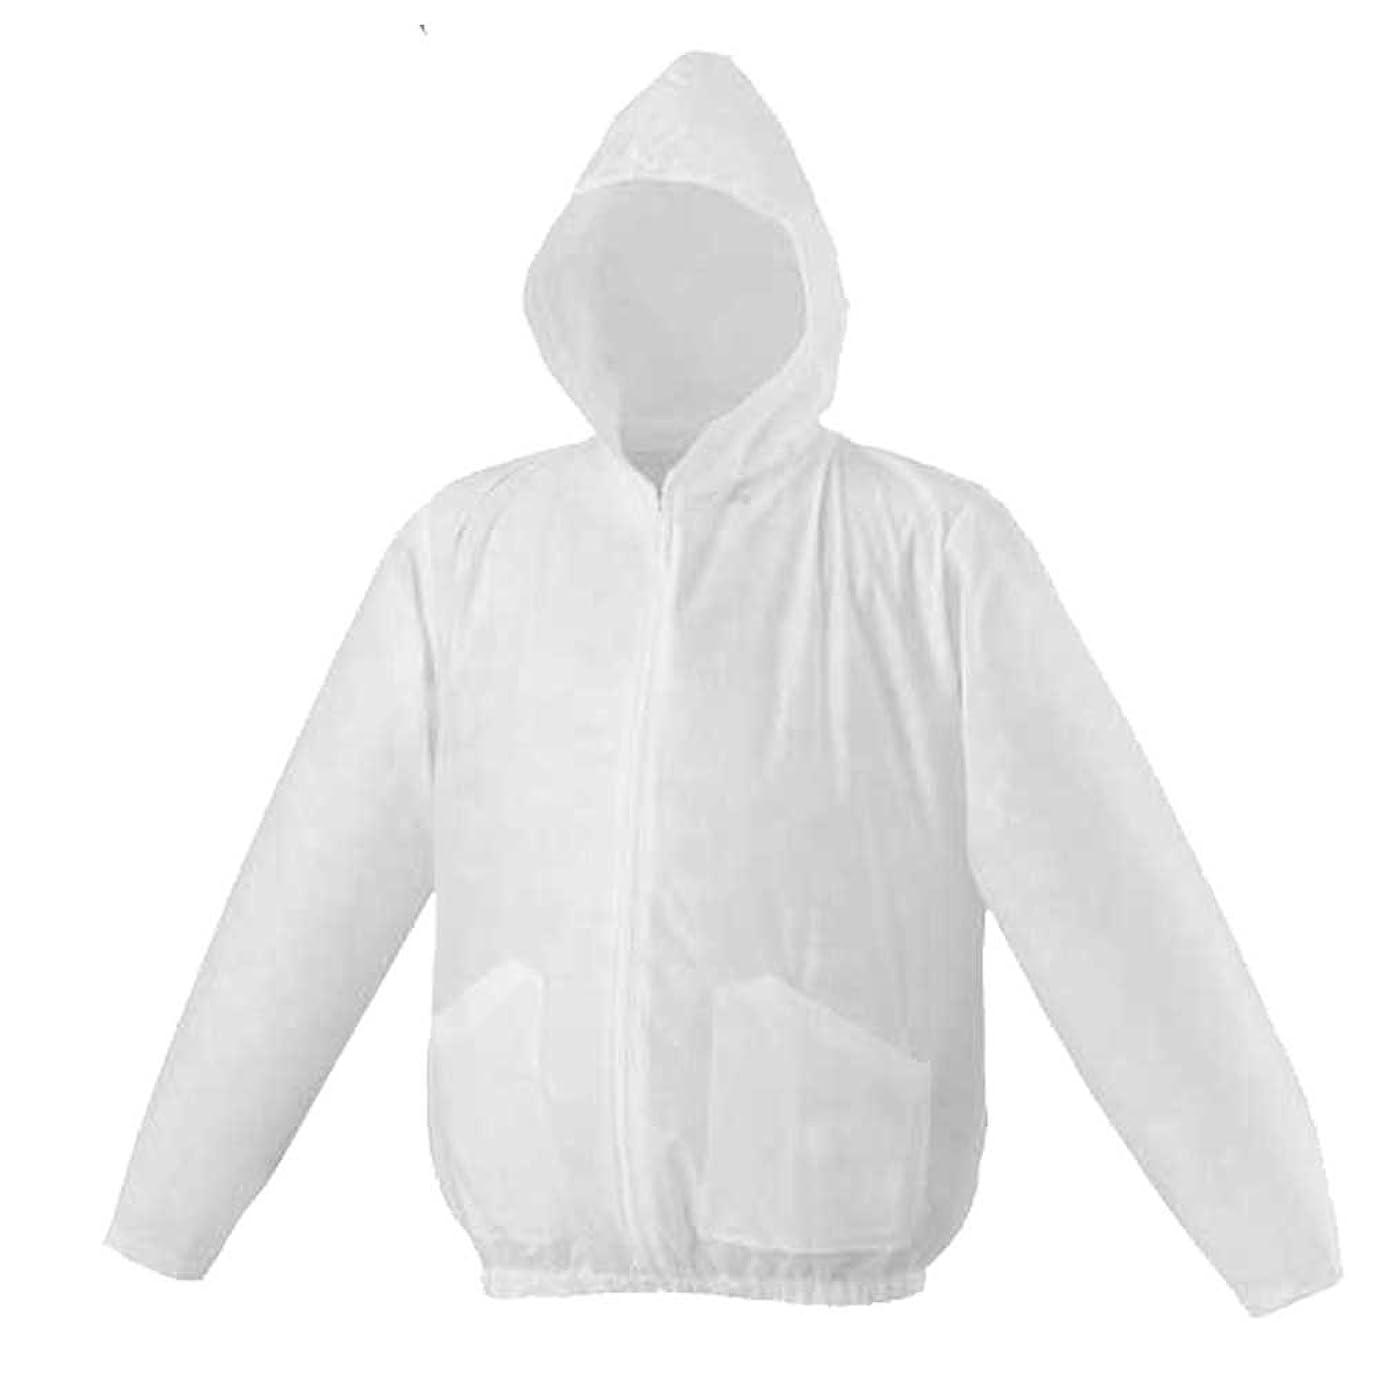 控えめなメディック本物空調服 使い切り 不織布製ジャンパー(ファンなし) 3190